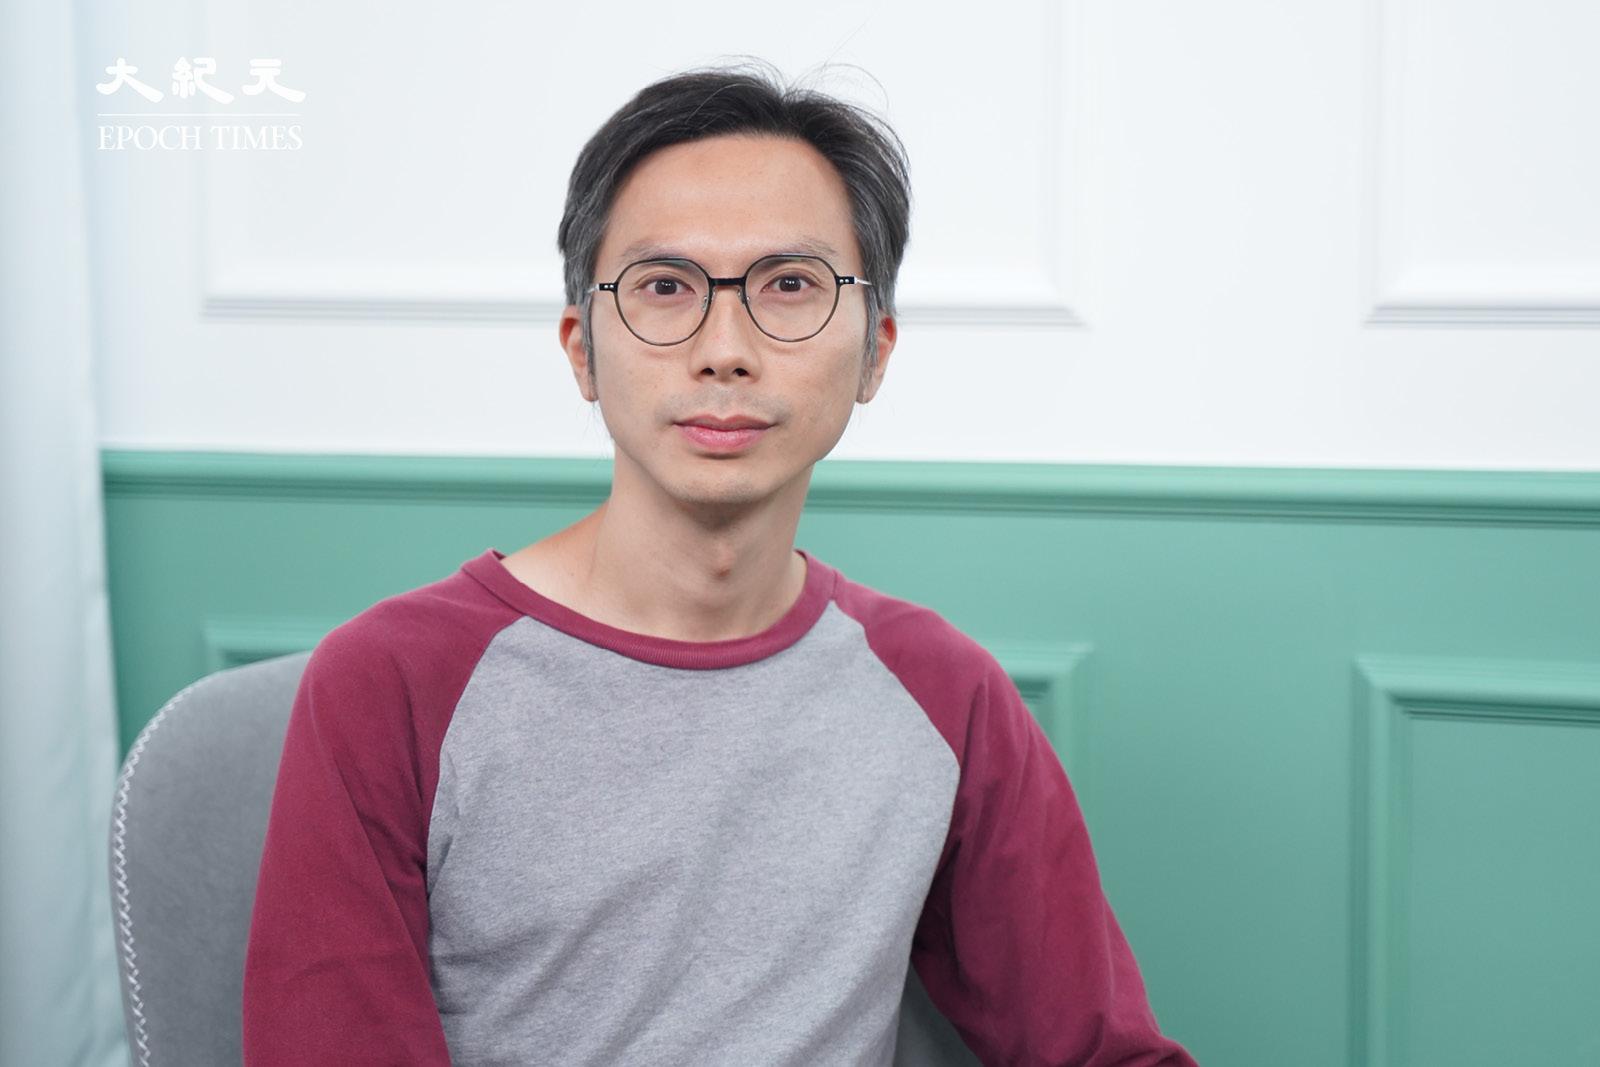 香港導演周冠威的紀錄片《時代革命》今(16日)在法國康城影展上映,周冠威表示希望全世界知道香港2019年抗爭運動的歷史。資料圖片。(關永真/大紀元)